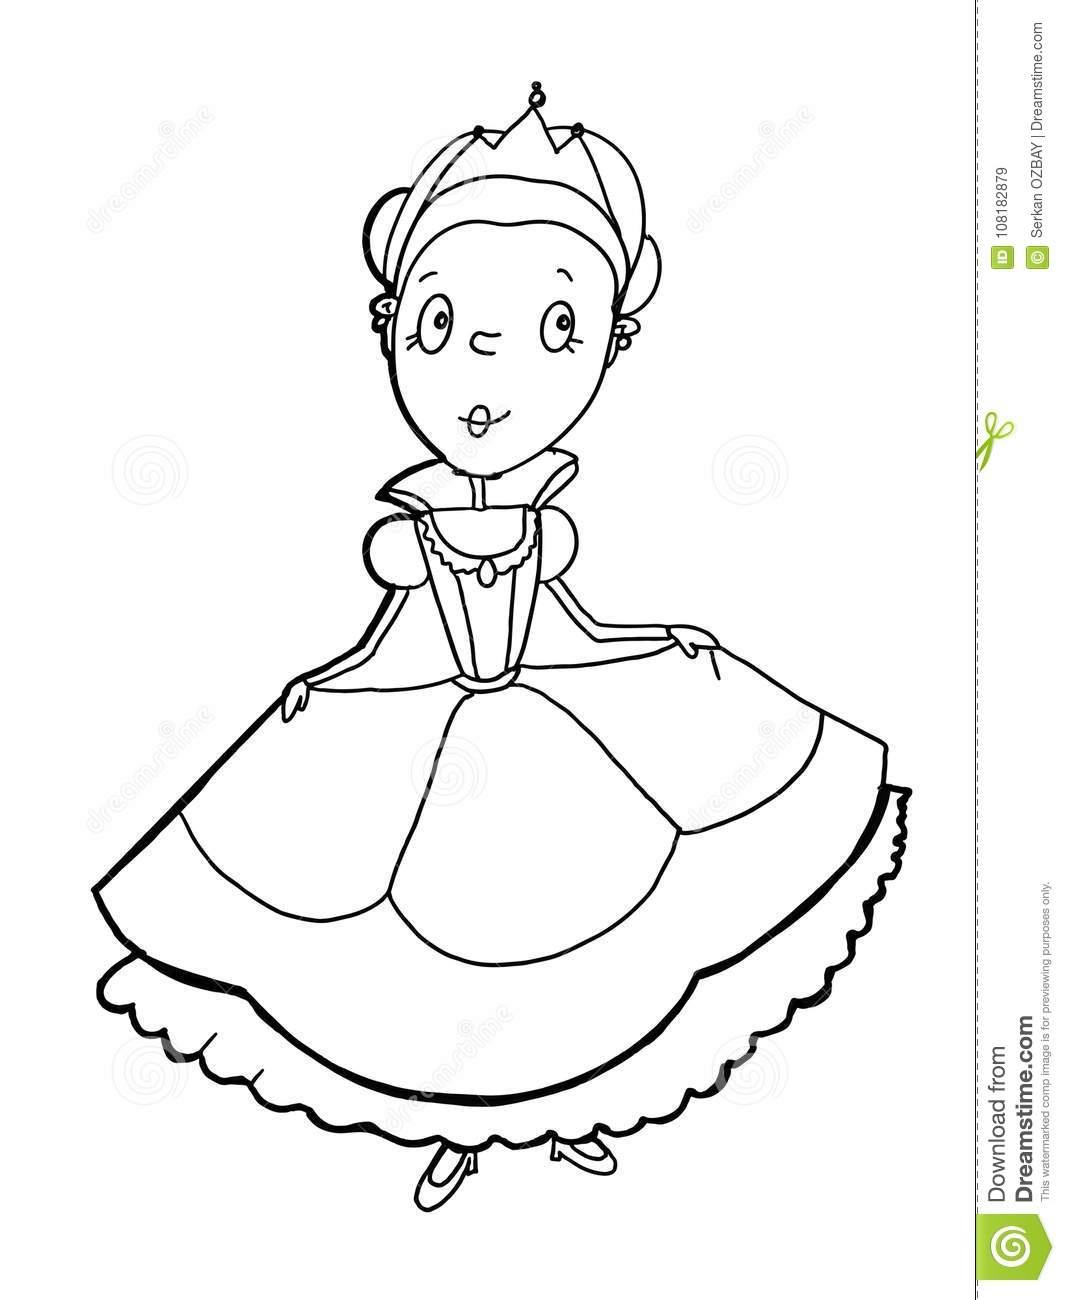 Coloration De Dessin De Bande Dessinée De Roi De Dessin D avec Chateau Princesse Dessin